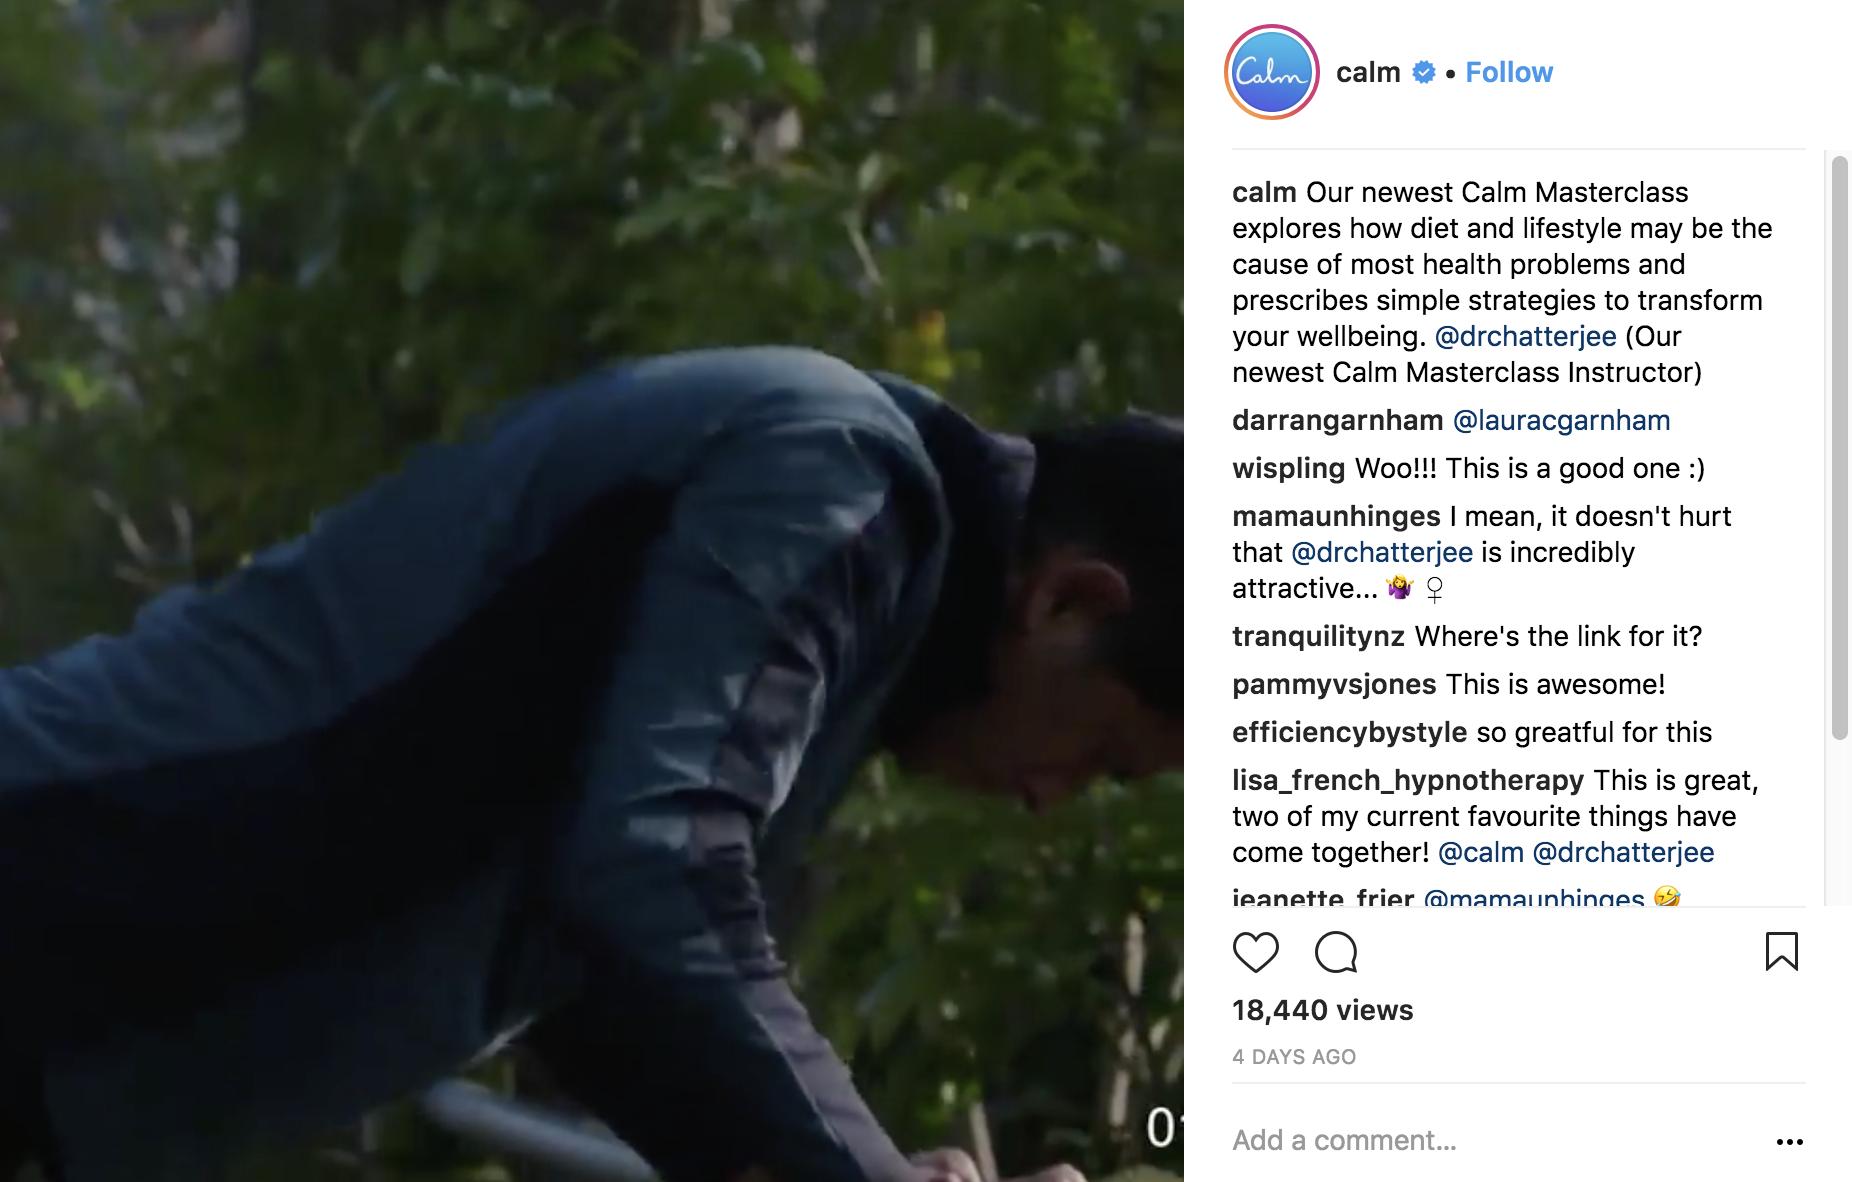 calm-instagram-marketing-strategy